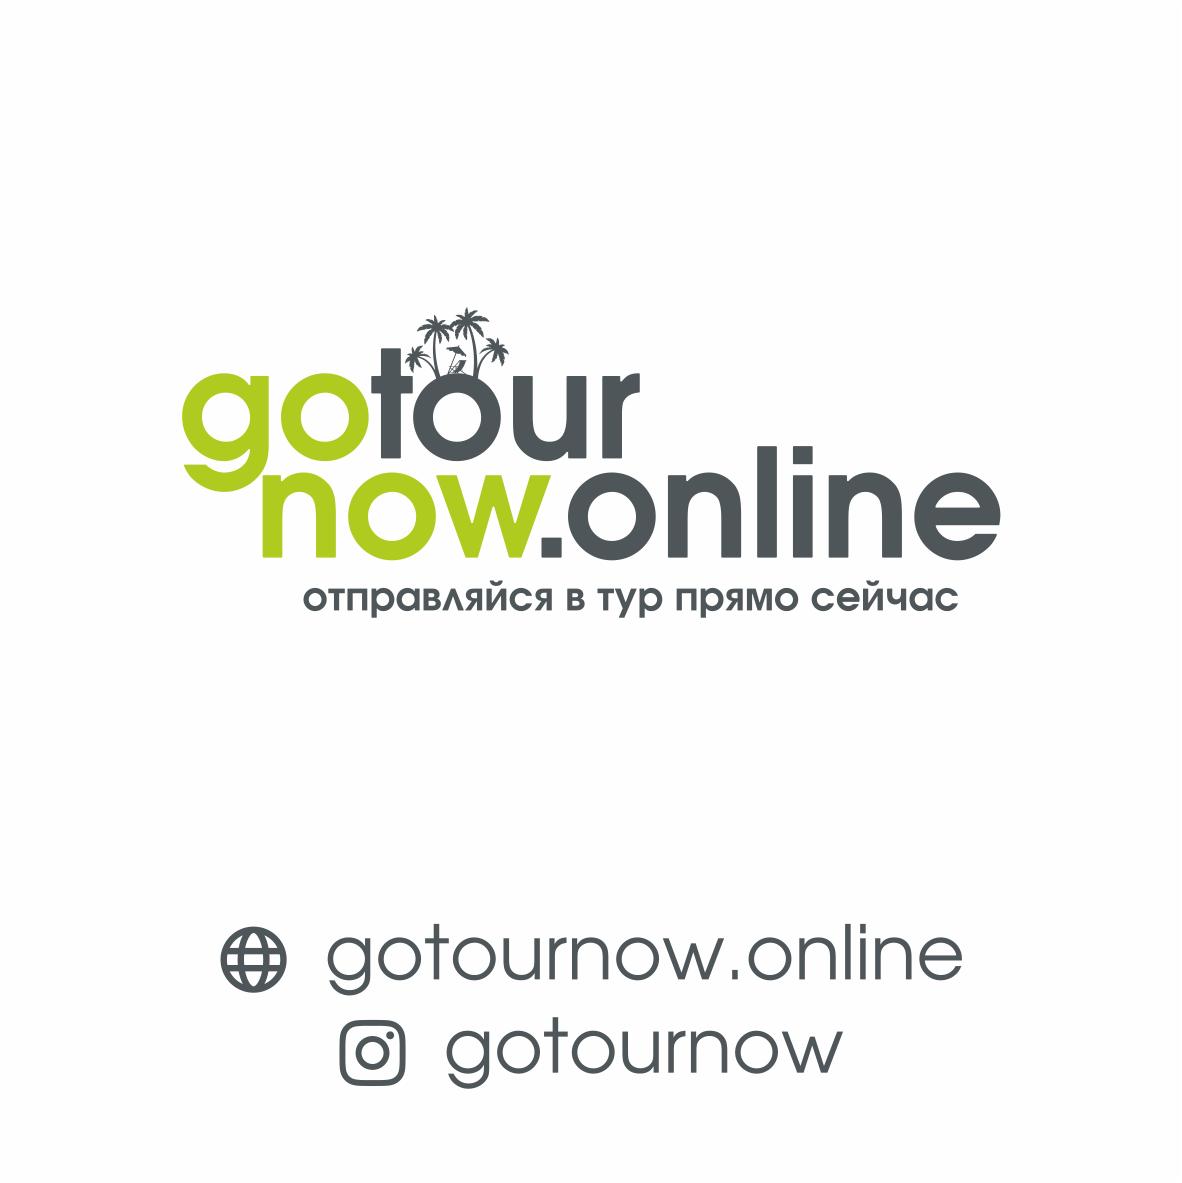 Придумать название онлайн турагентства фото f_1165ef1c268b69eb.png